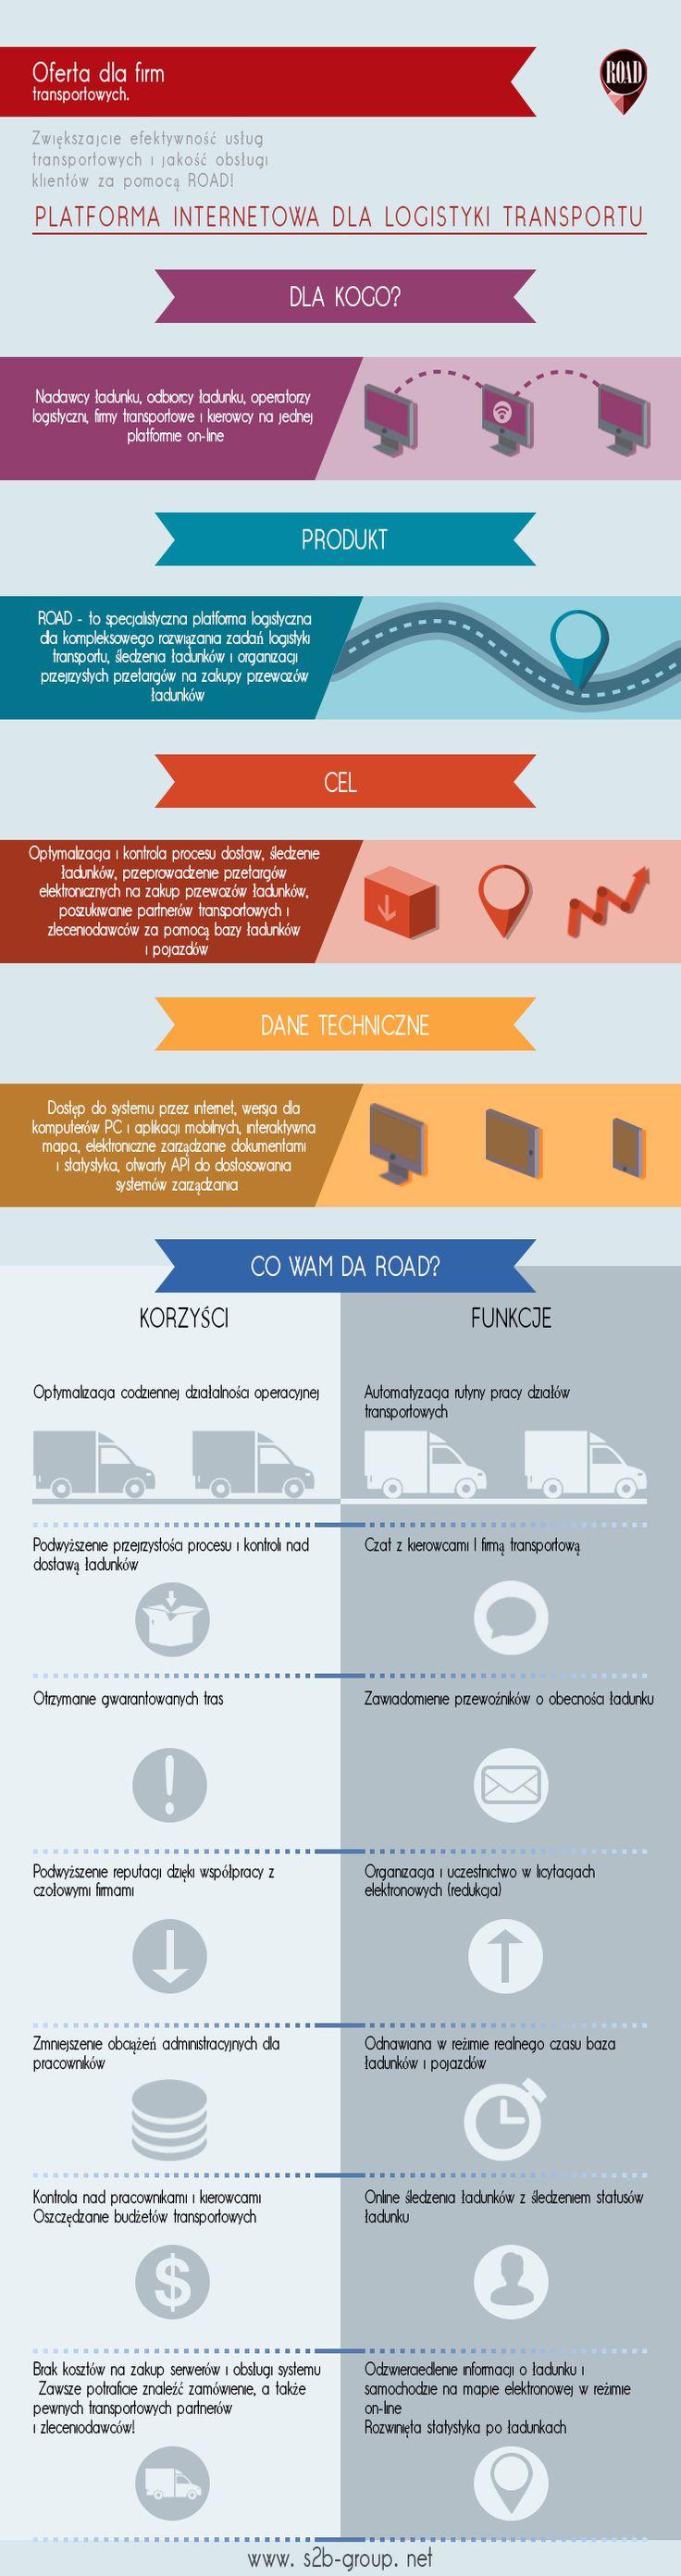 ROAD: Platforma Internetowa dla logistyki transportu. Propozycja dla FIRM TRANSPORTOWYCH. #logistics #supplychain #scm #s2bgroup #road #TMS